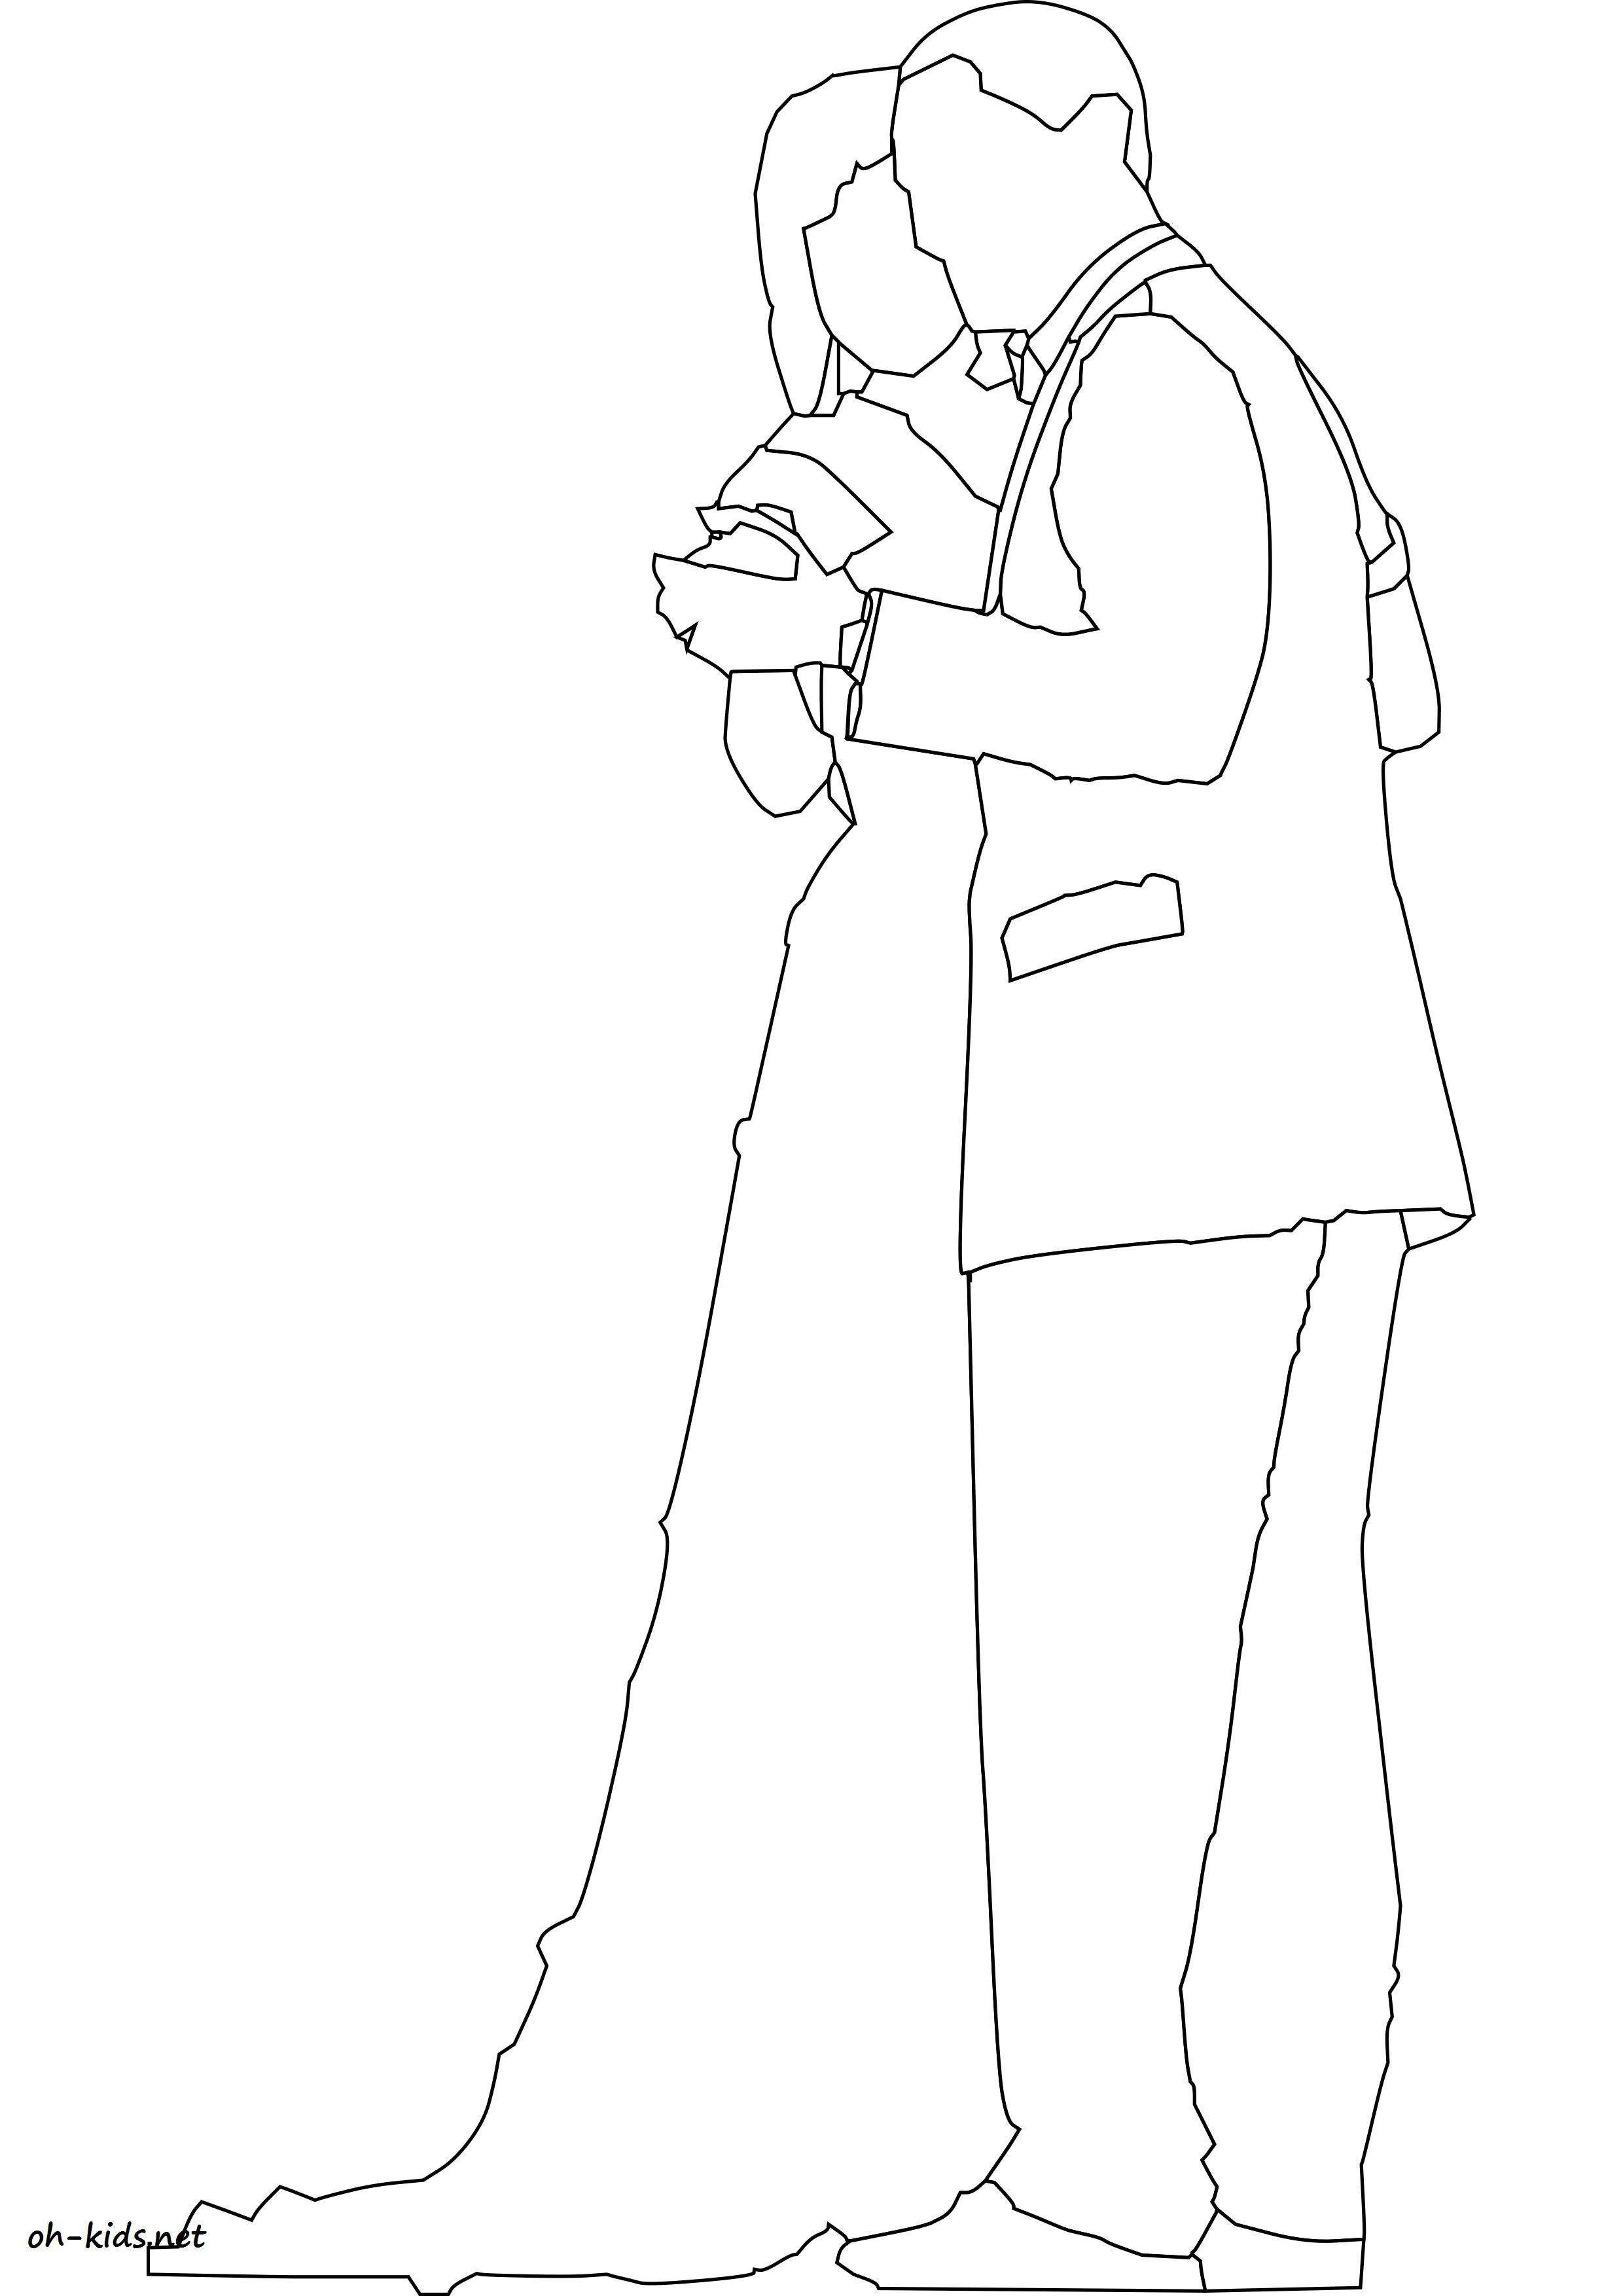 Activité de coloriage mariage - Dessin #1192